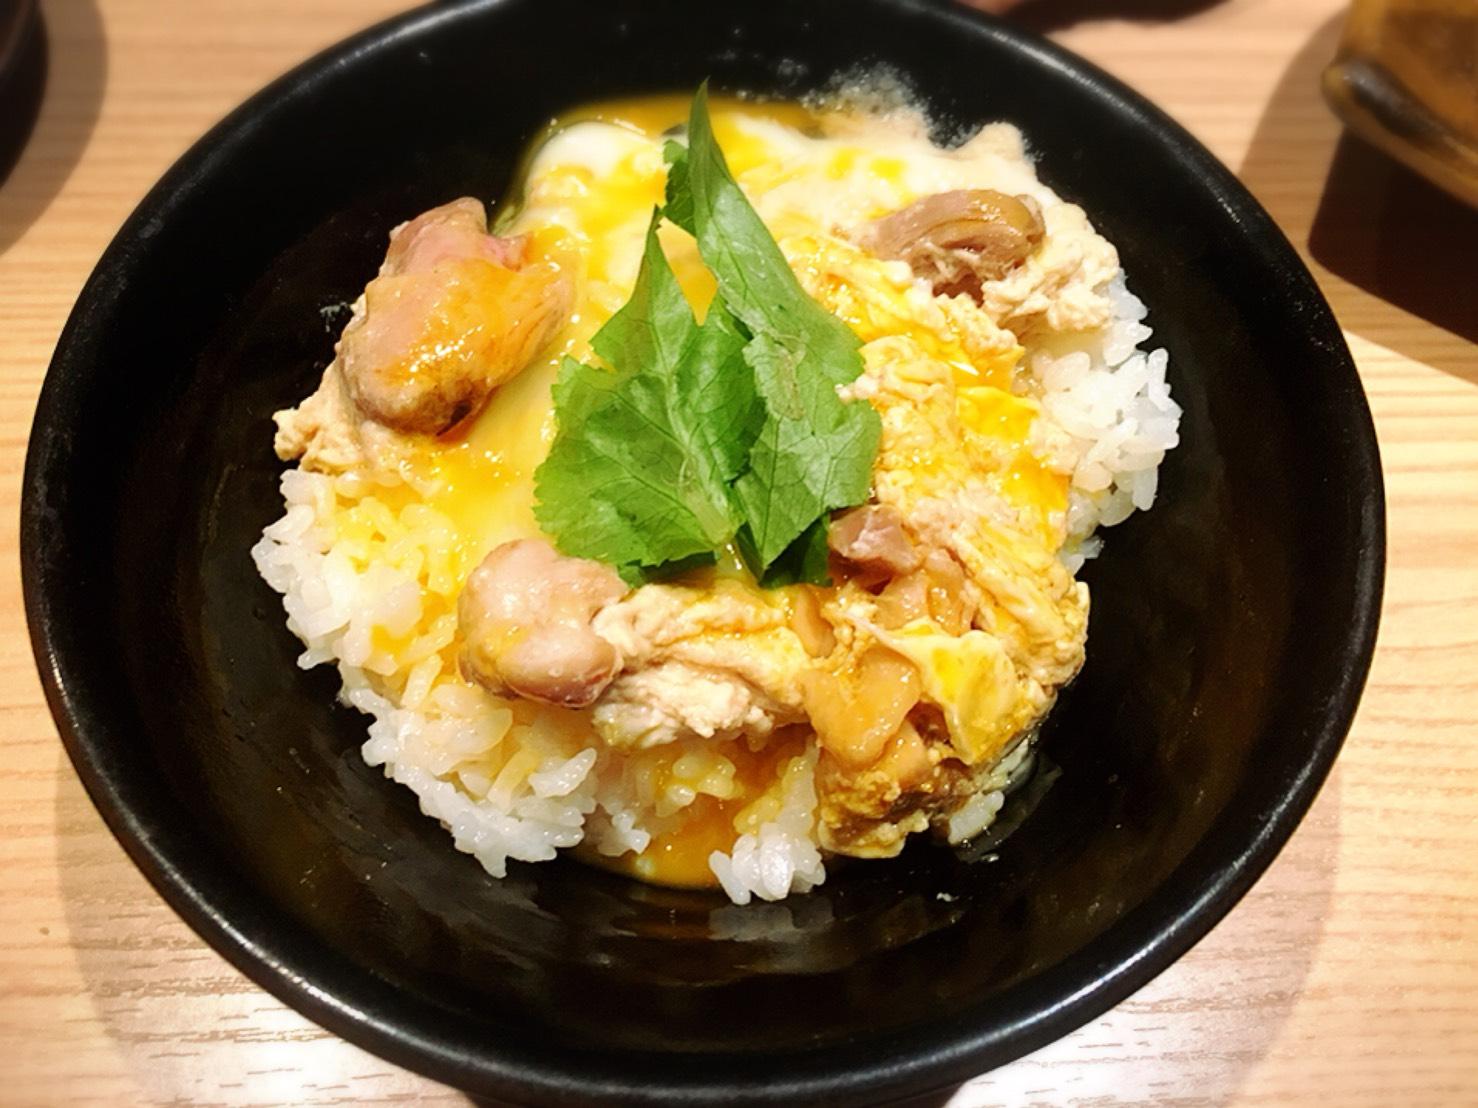 【池袋駅】大宴会もできる!九州料理の「福栄組合 池袋店」の〆の小さな親子丼